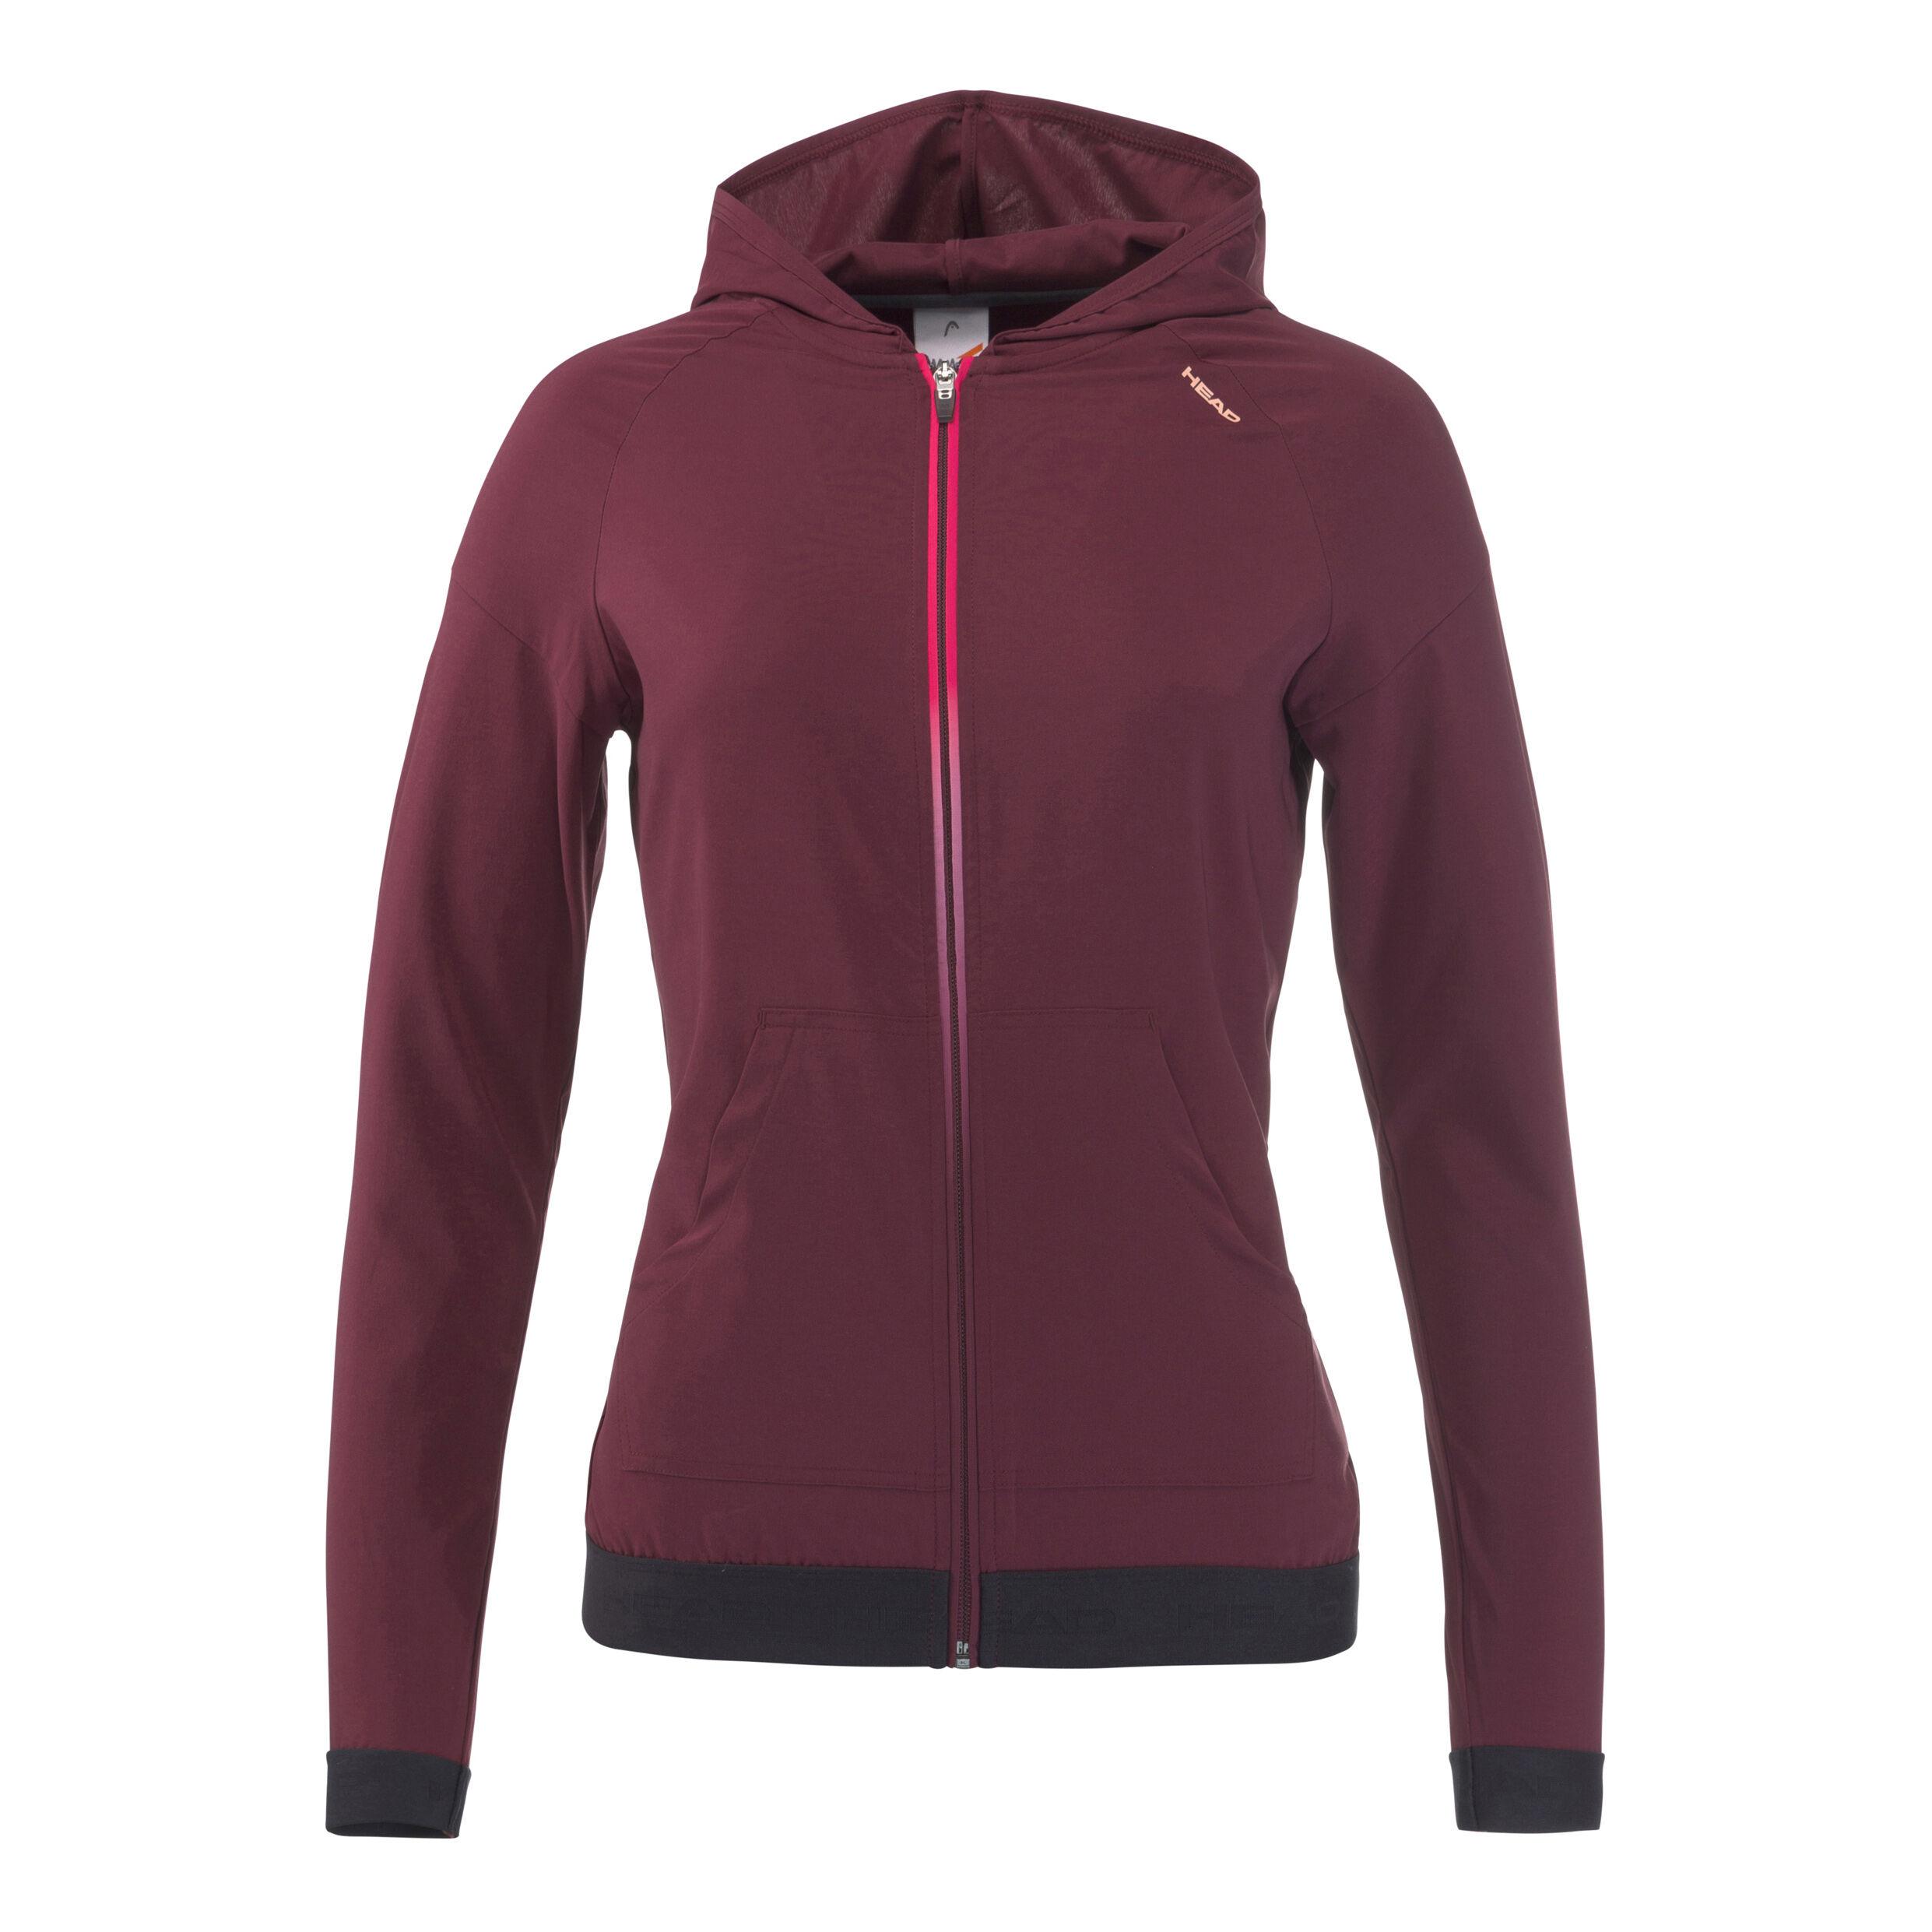 HEAD Damen Rot Vision Tech Trainingsjacke Dunkelrot XL Jacken